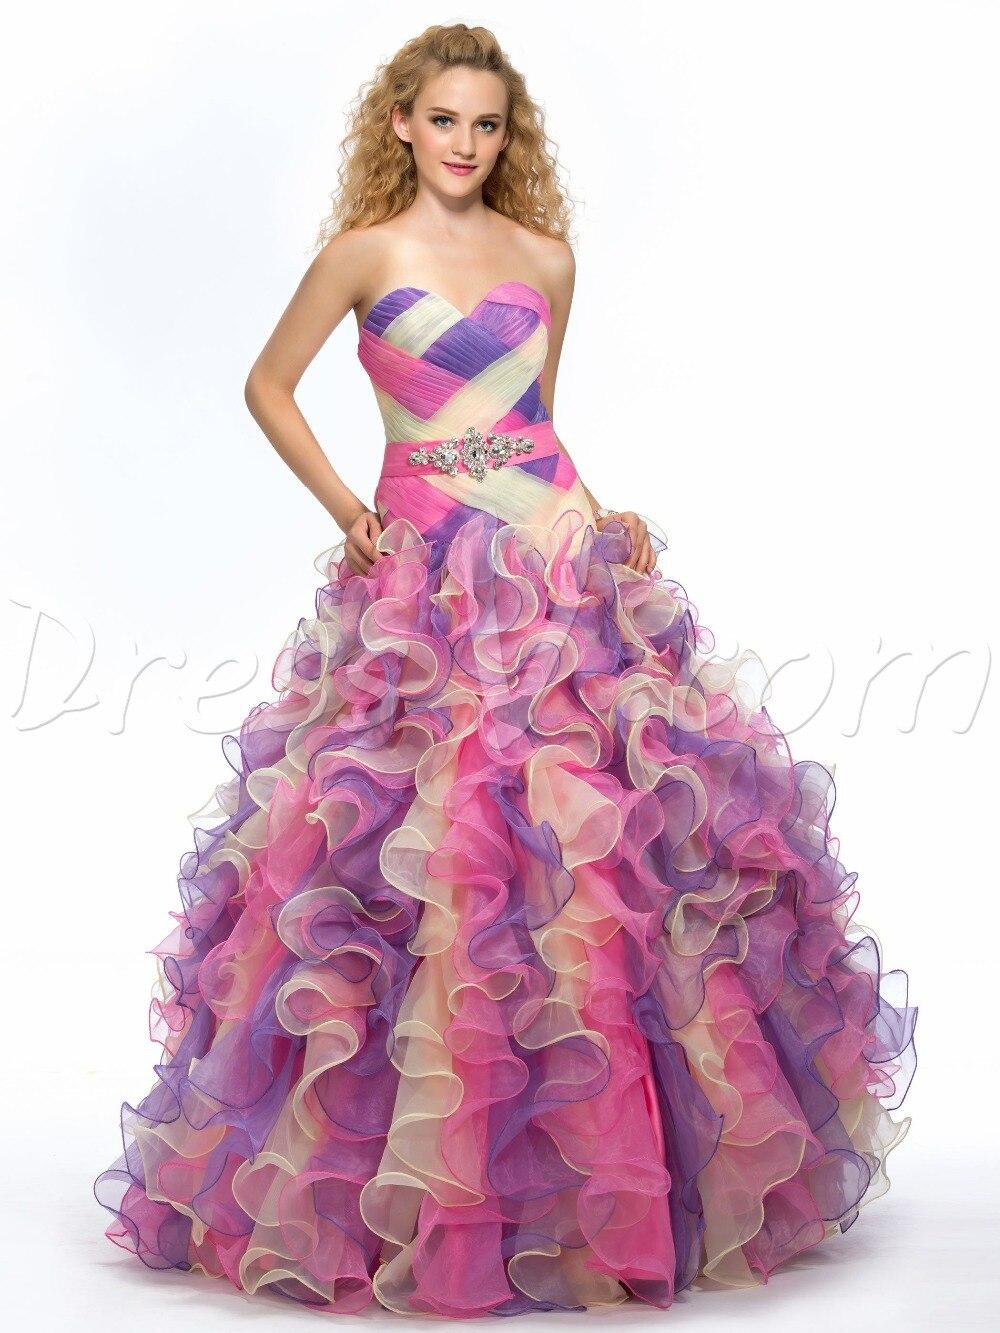 Increíble Vestidos De Dama Reciclados Colección de Imágenes ...